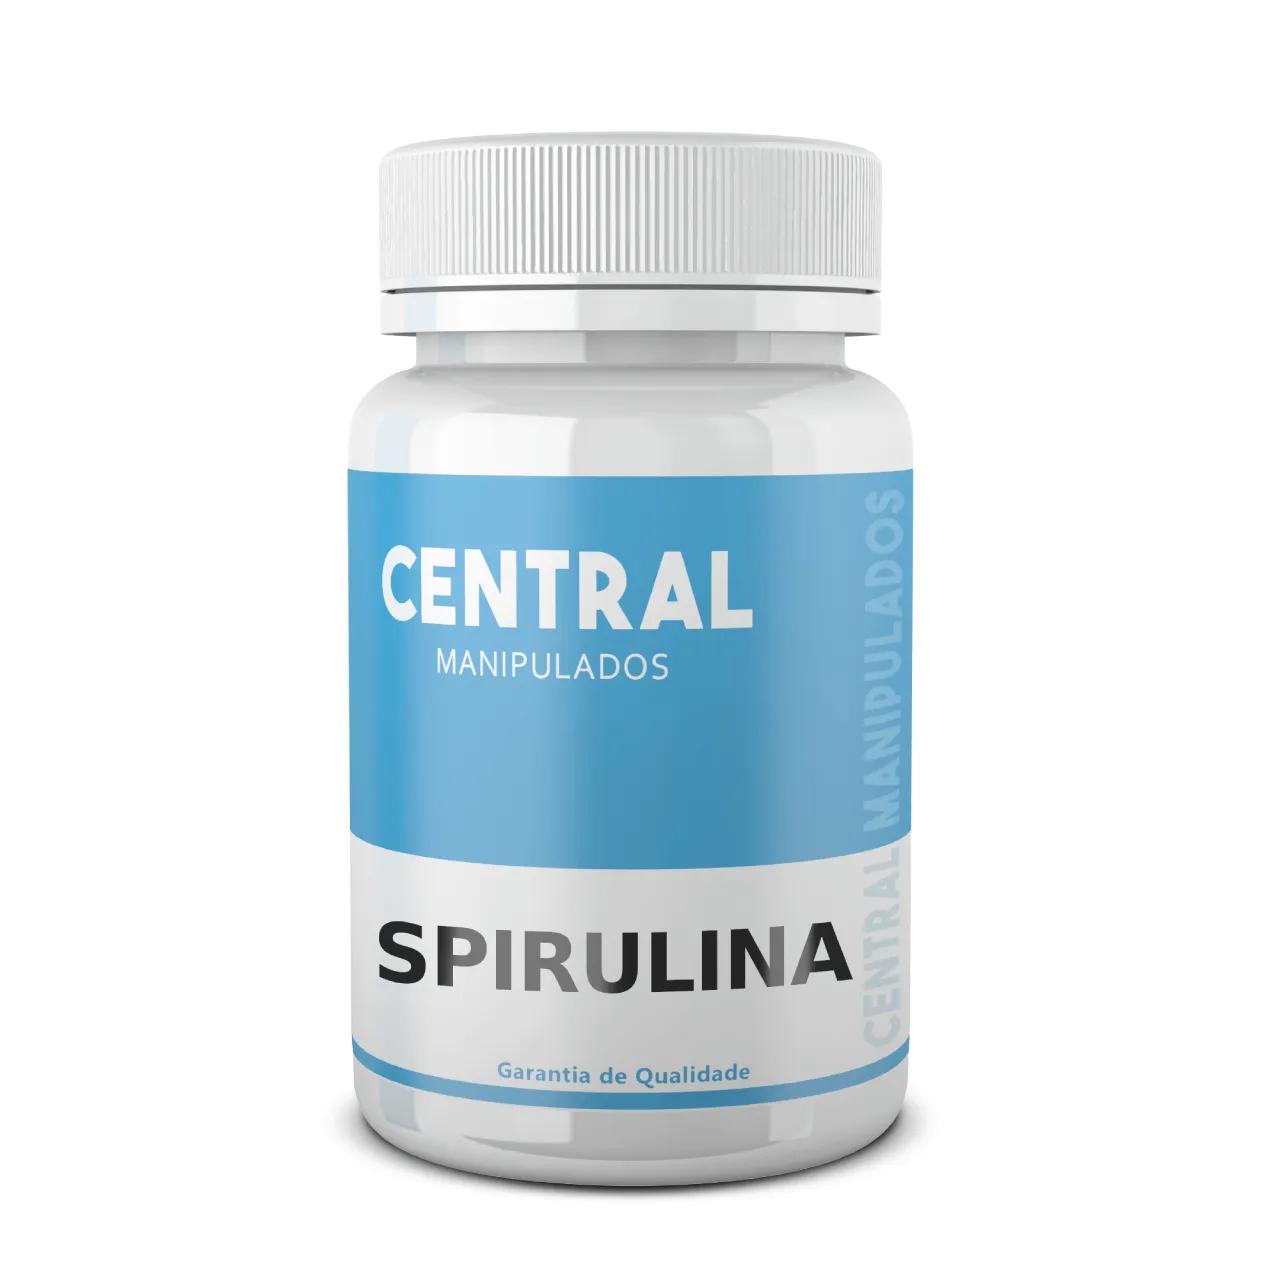 Spirulina 500mg - 60 cápsulas - Inibidor de Apetite, Promove saciação, Melhora a saúde digestiva e gastrintestinal, Reforço para Imunidade